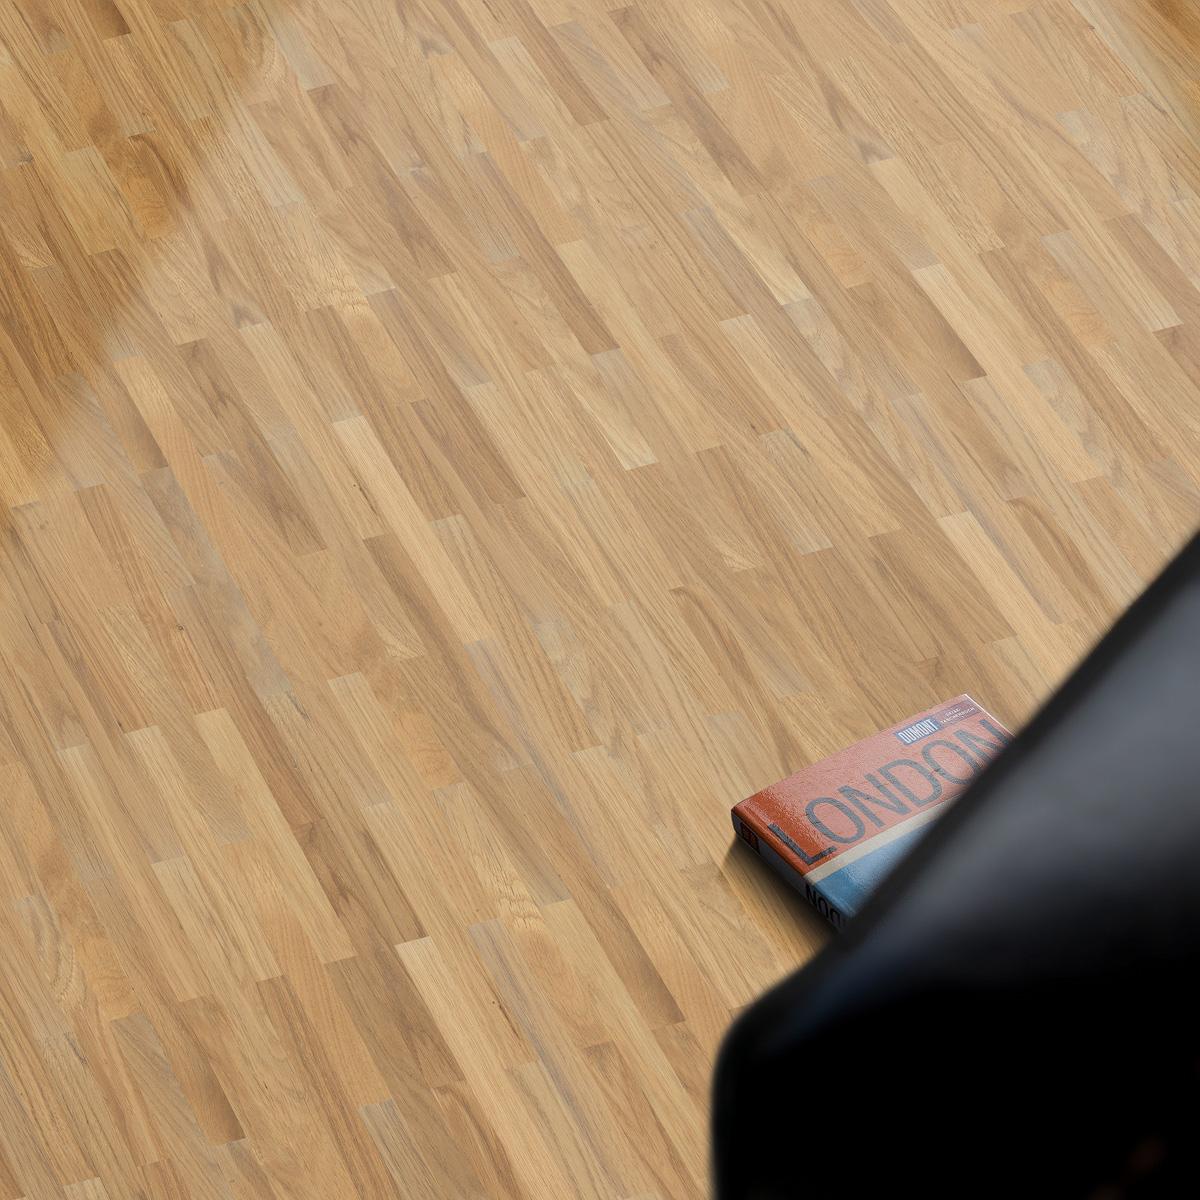 klebeparkett eiche aktion 1 fach englischer verband. Black Bedroom Furniture Sets. Home Design Ideas